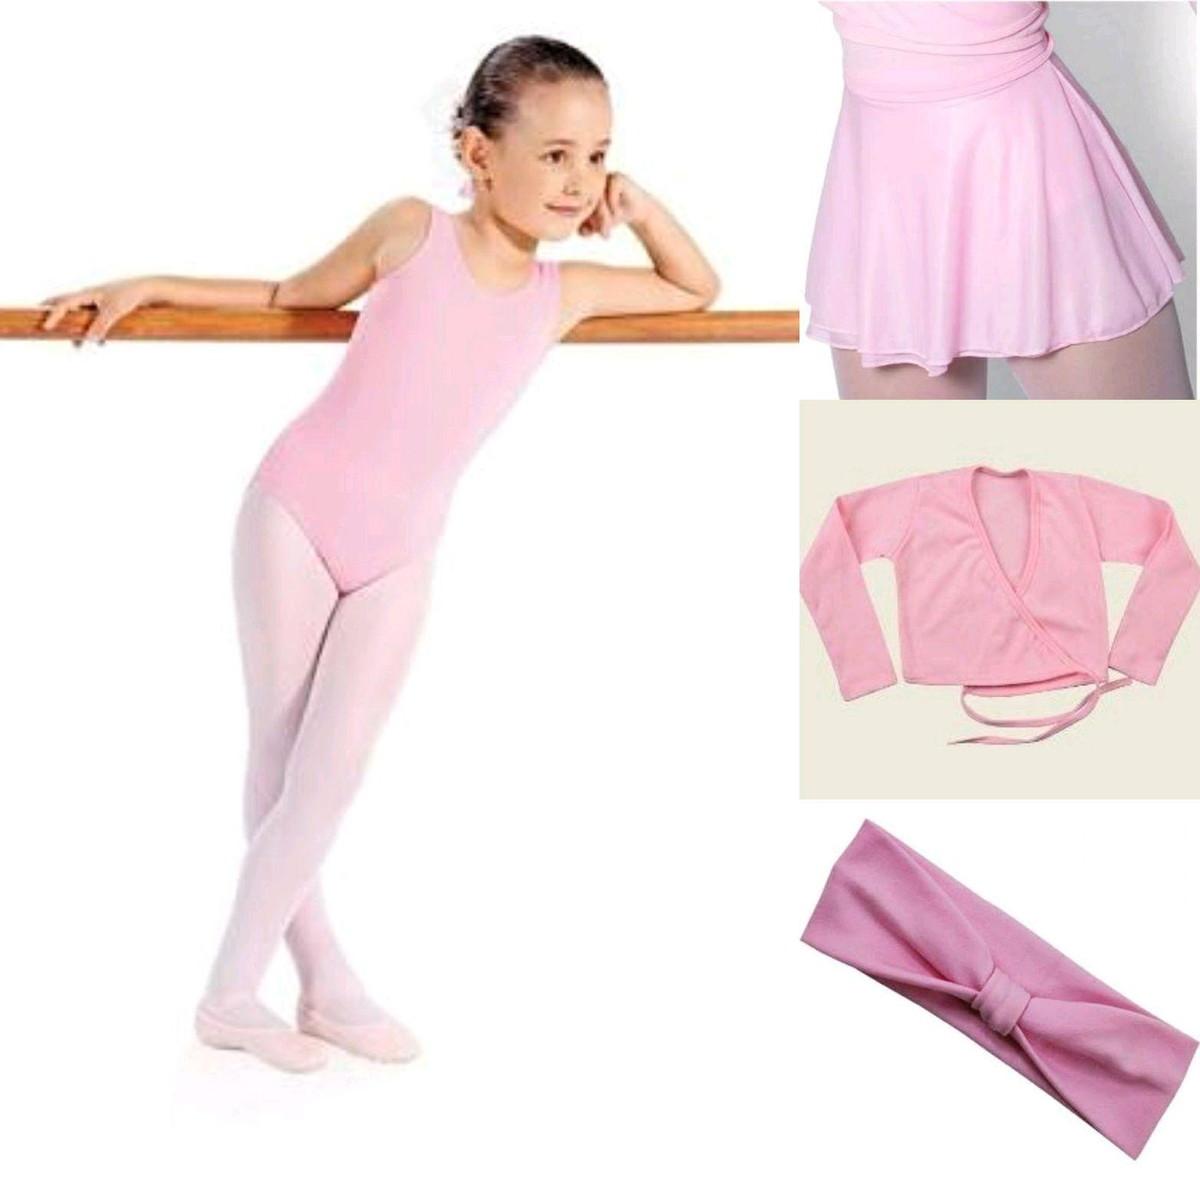 fff1ae4f1 Roupa de ballet infantil collant casaquinho e saia de balé no Elo7 ...